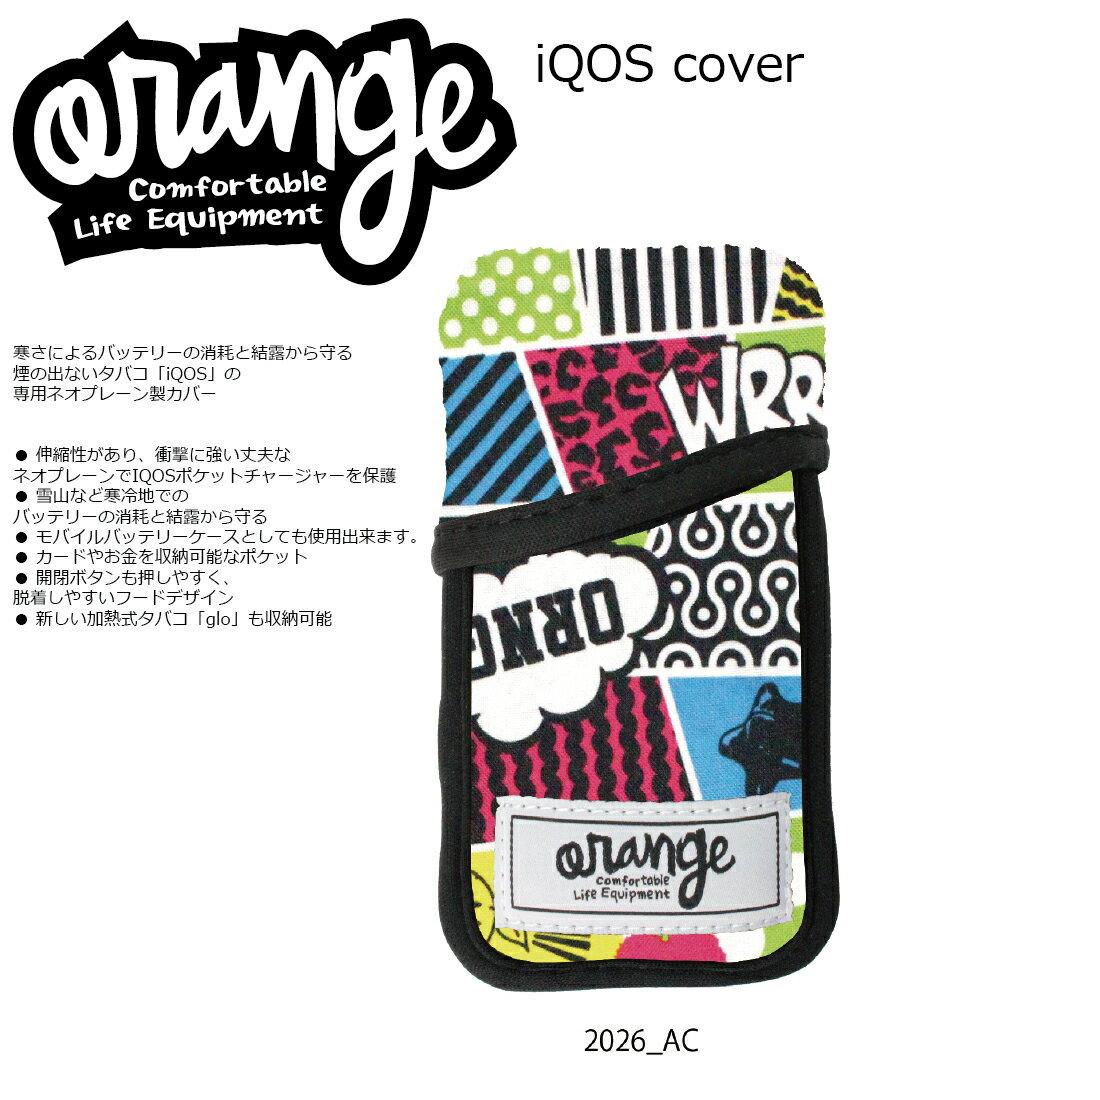 Oran'ge IQOS Cover 2026 AC オレンジ アイコスケース ネオプレーン IQOS アイコス GLO グロー 2017 2017-18